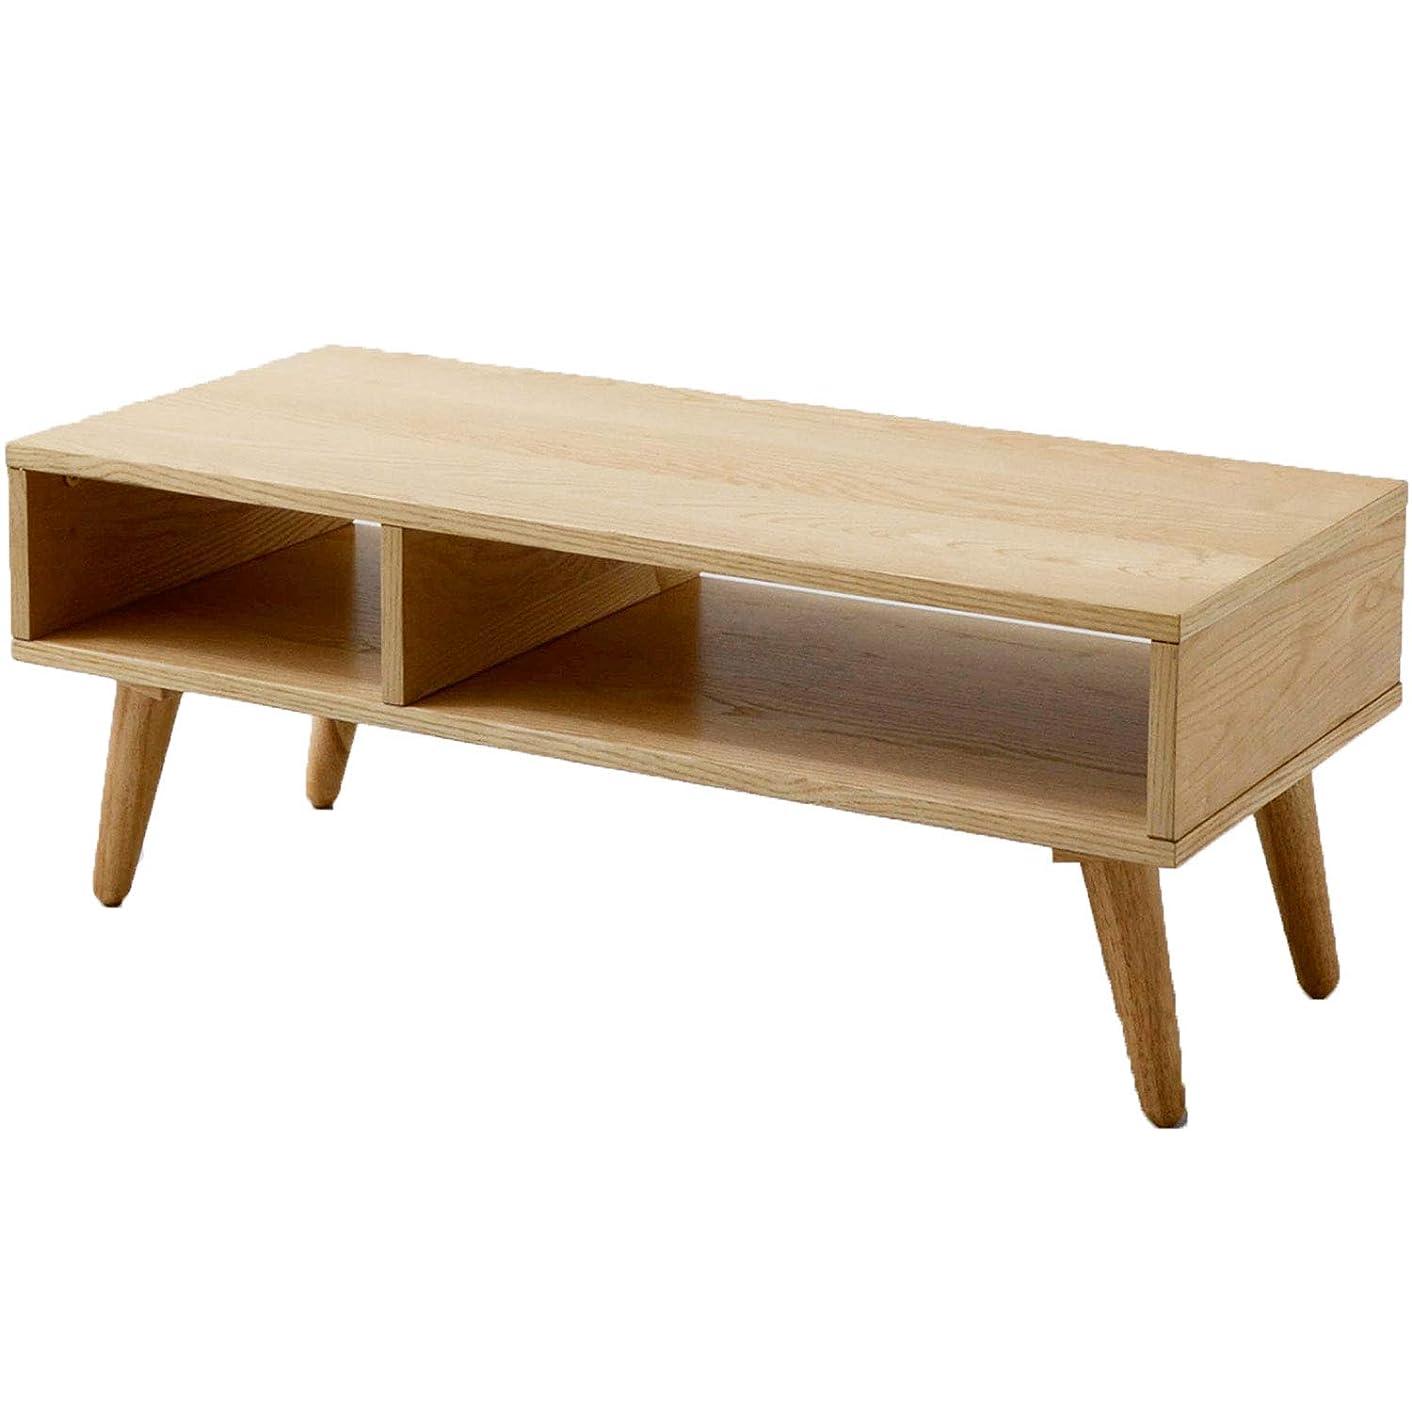 パネル不利焼くエムール テレビ台 テレビボード アッシュ 幅90cm ローテーブル 木製 天然木 コーヒーテーブル 北欧 新生活 コンパクト 一人暮らし